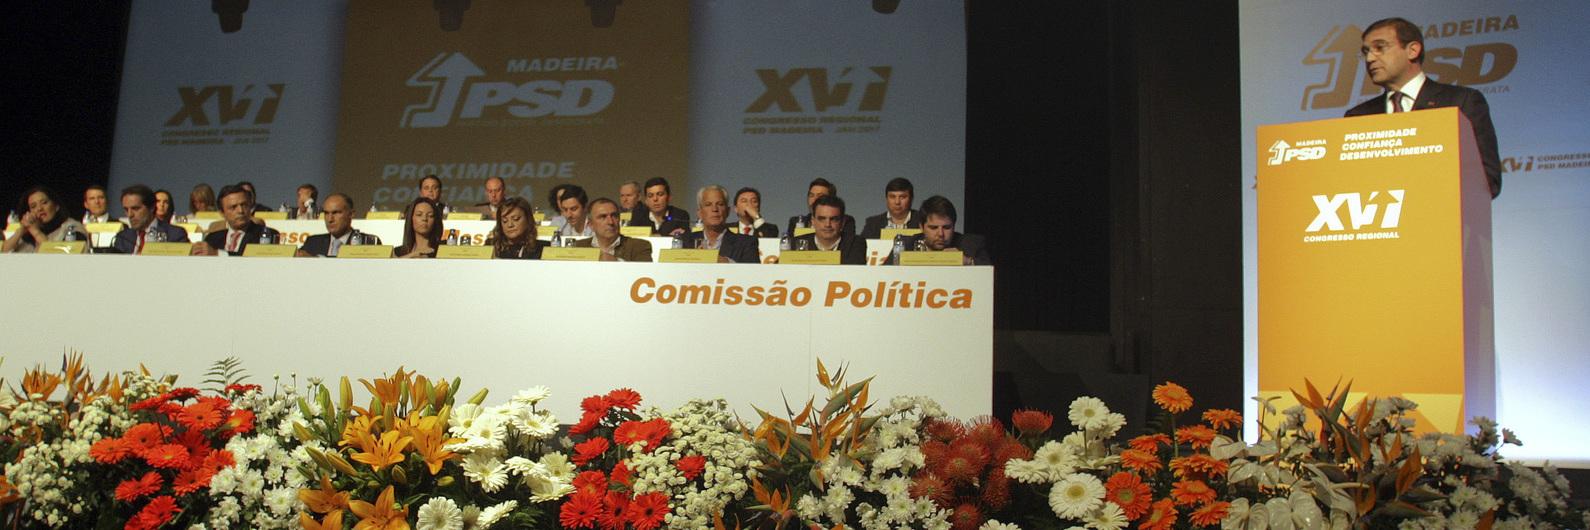 Passos Coelho manifesta-se contra políticas protecionistas e defende aposta na social-democracia